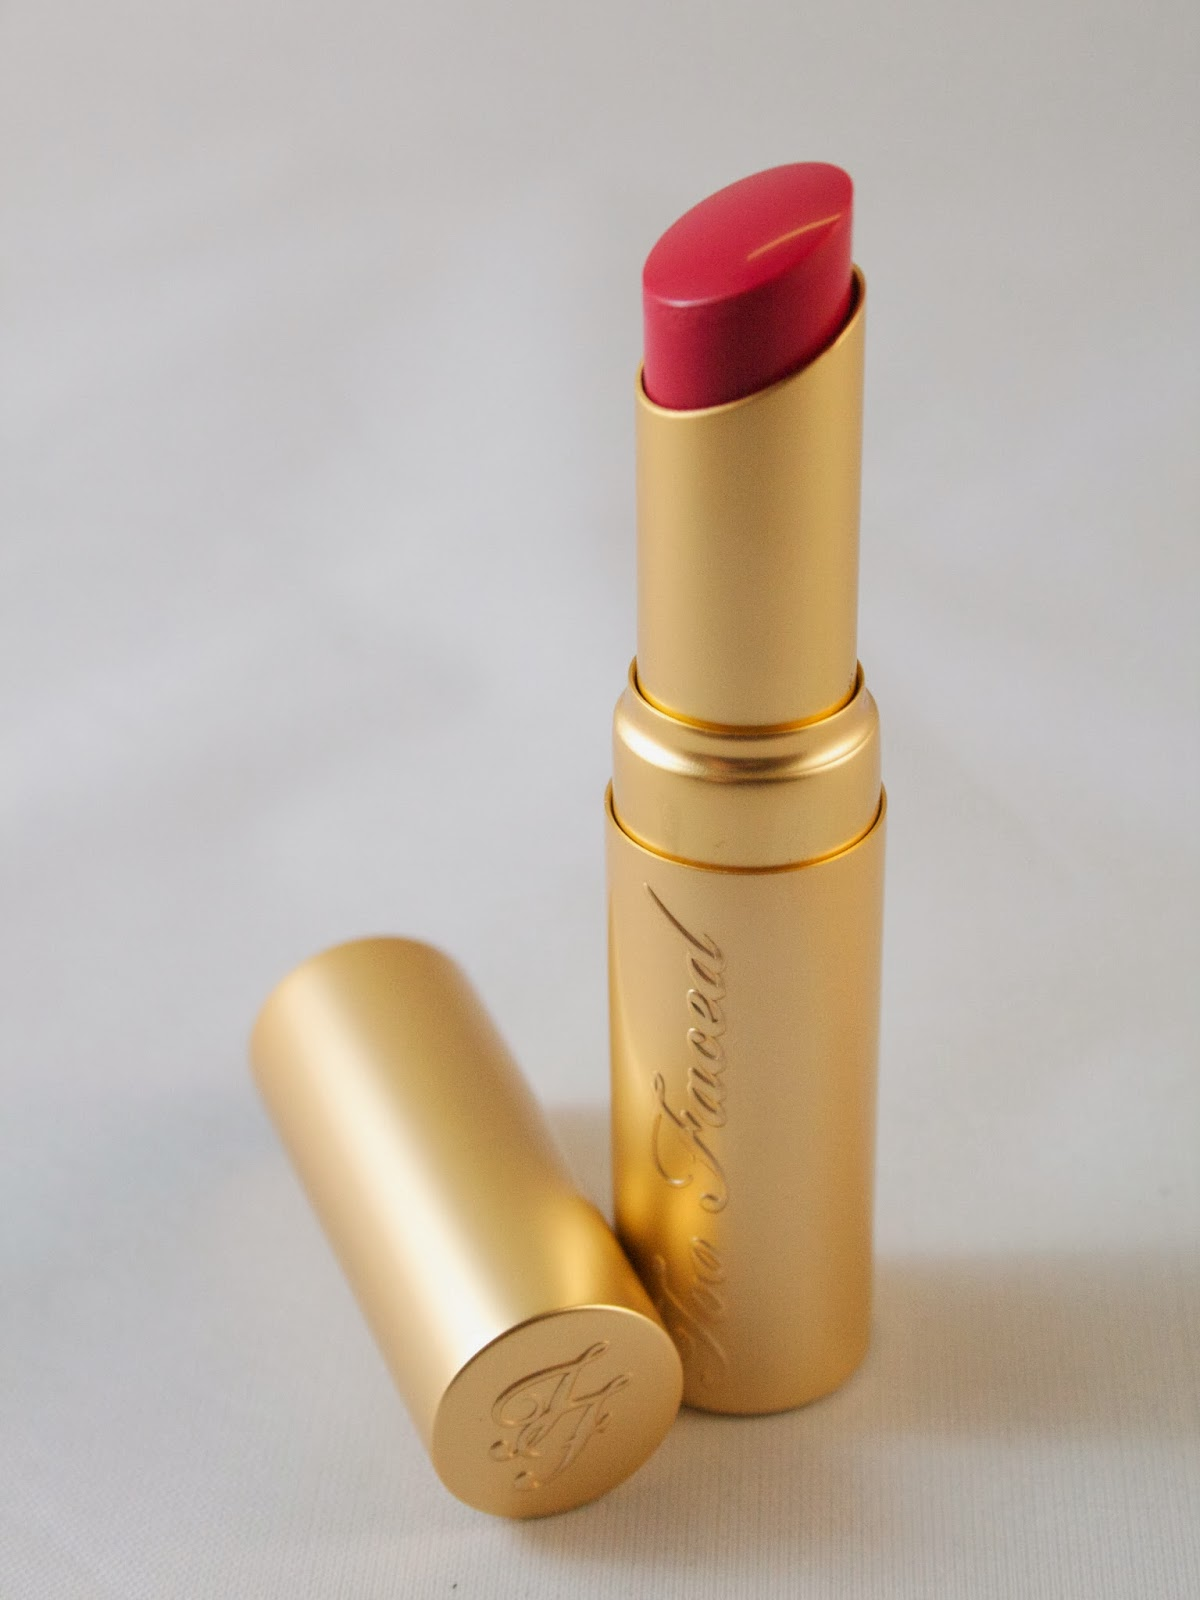 PEACHY PETER | Makeup ads, Mac makeup, Lipstick